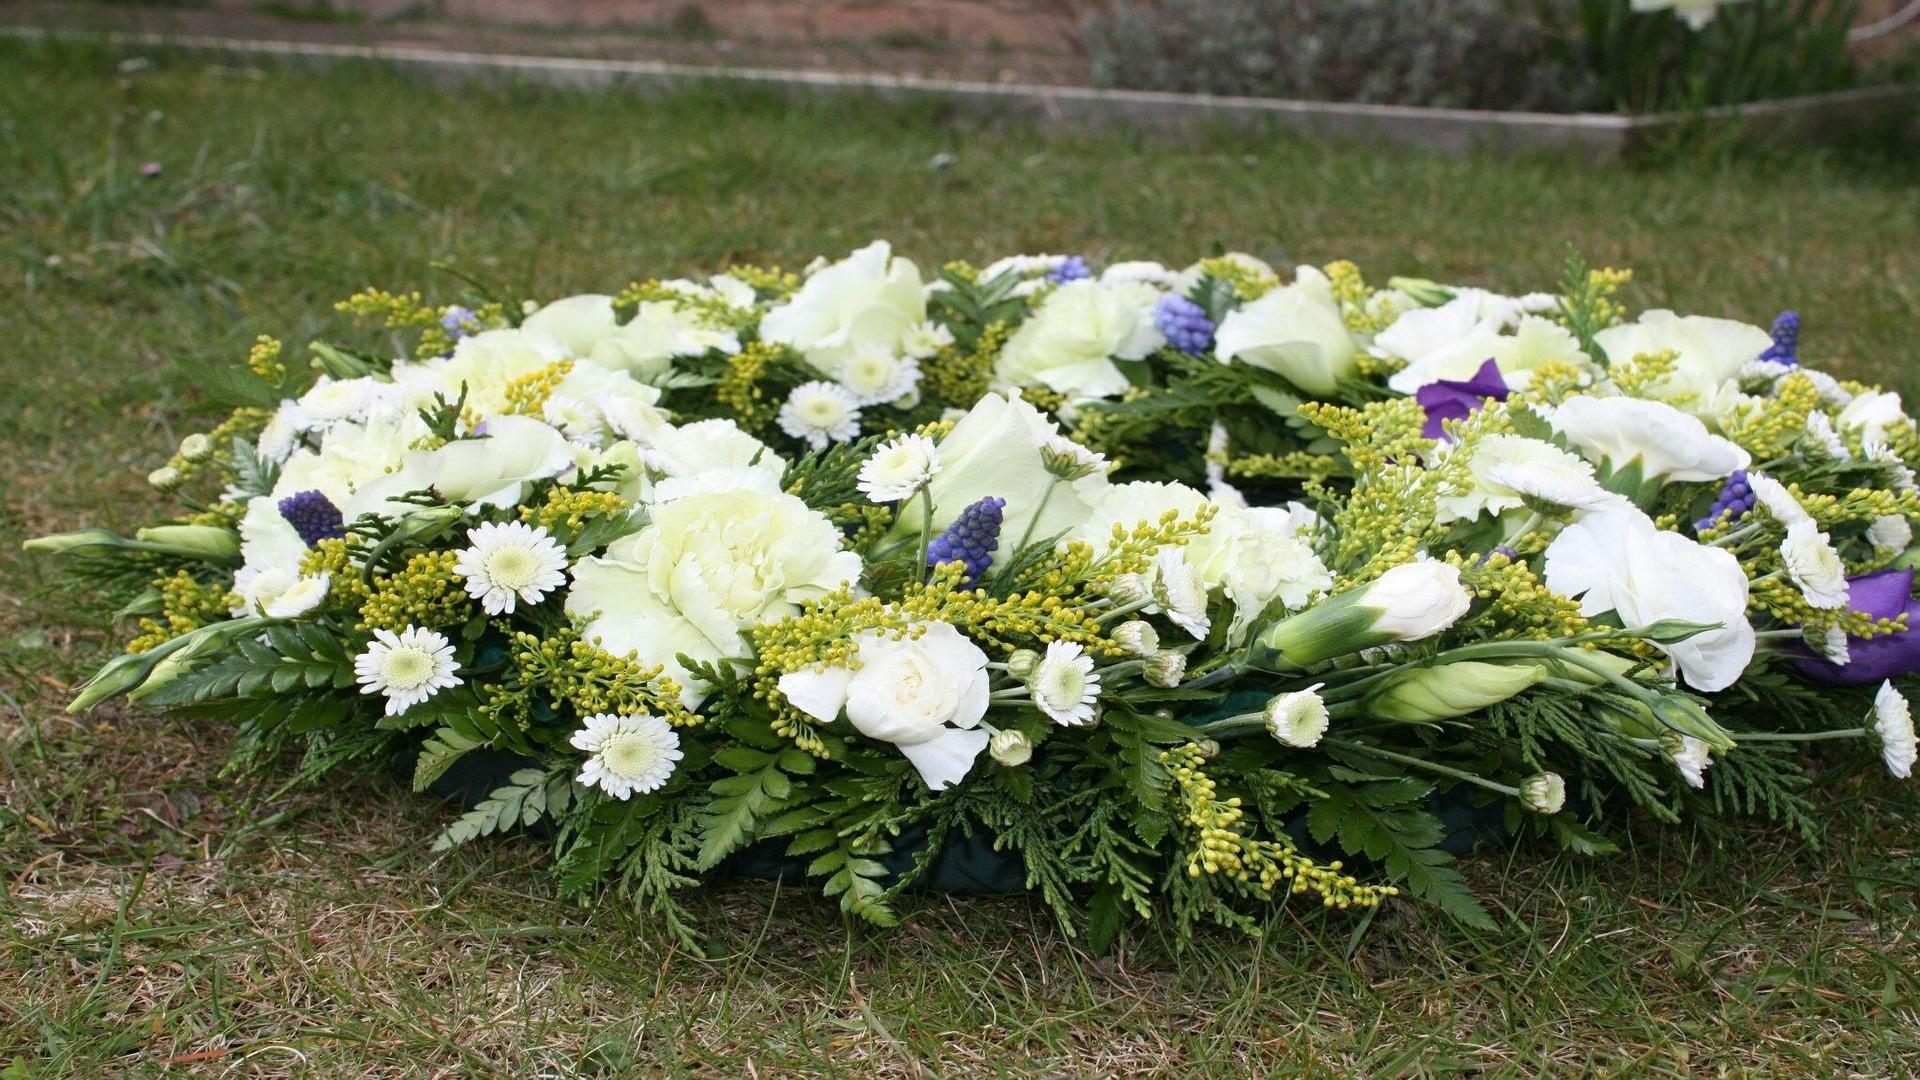 en-casi-todos-las-culturas-se-honra-a-los-muertos-con-ofrendas-de-flores-1920